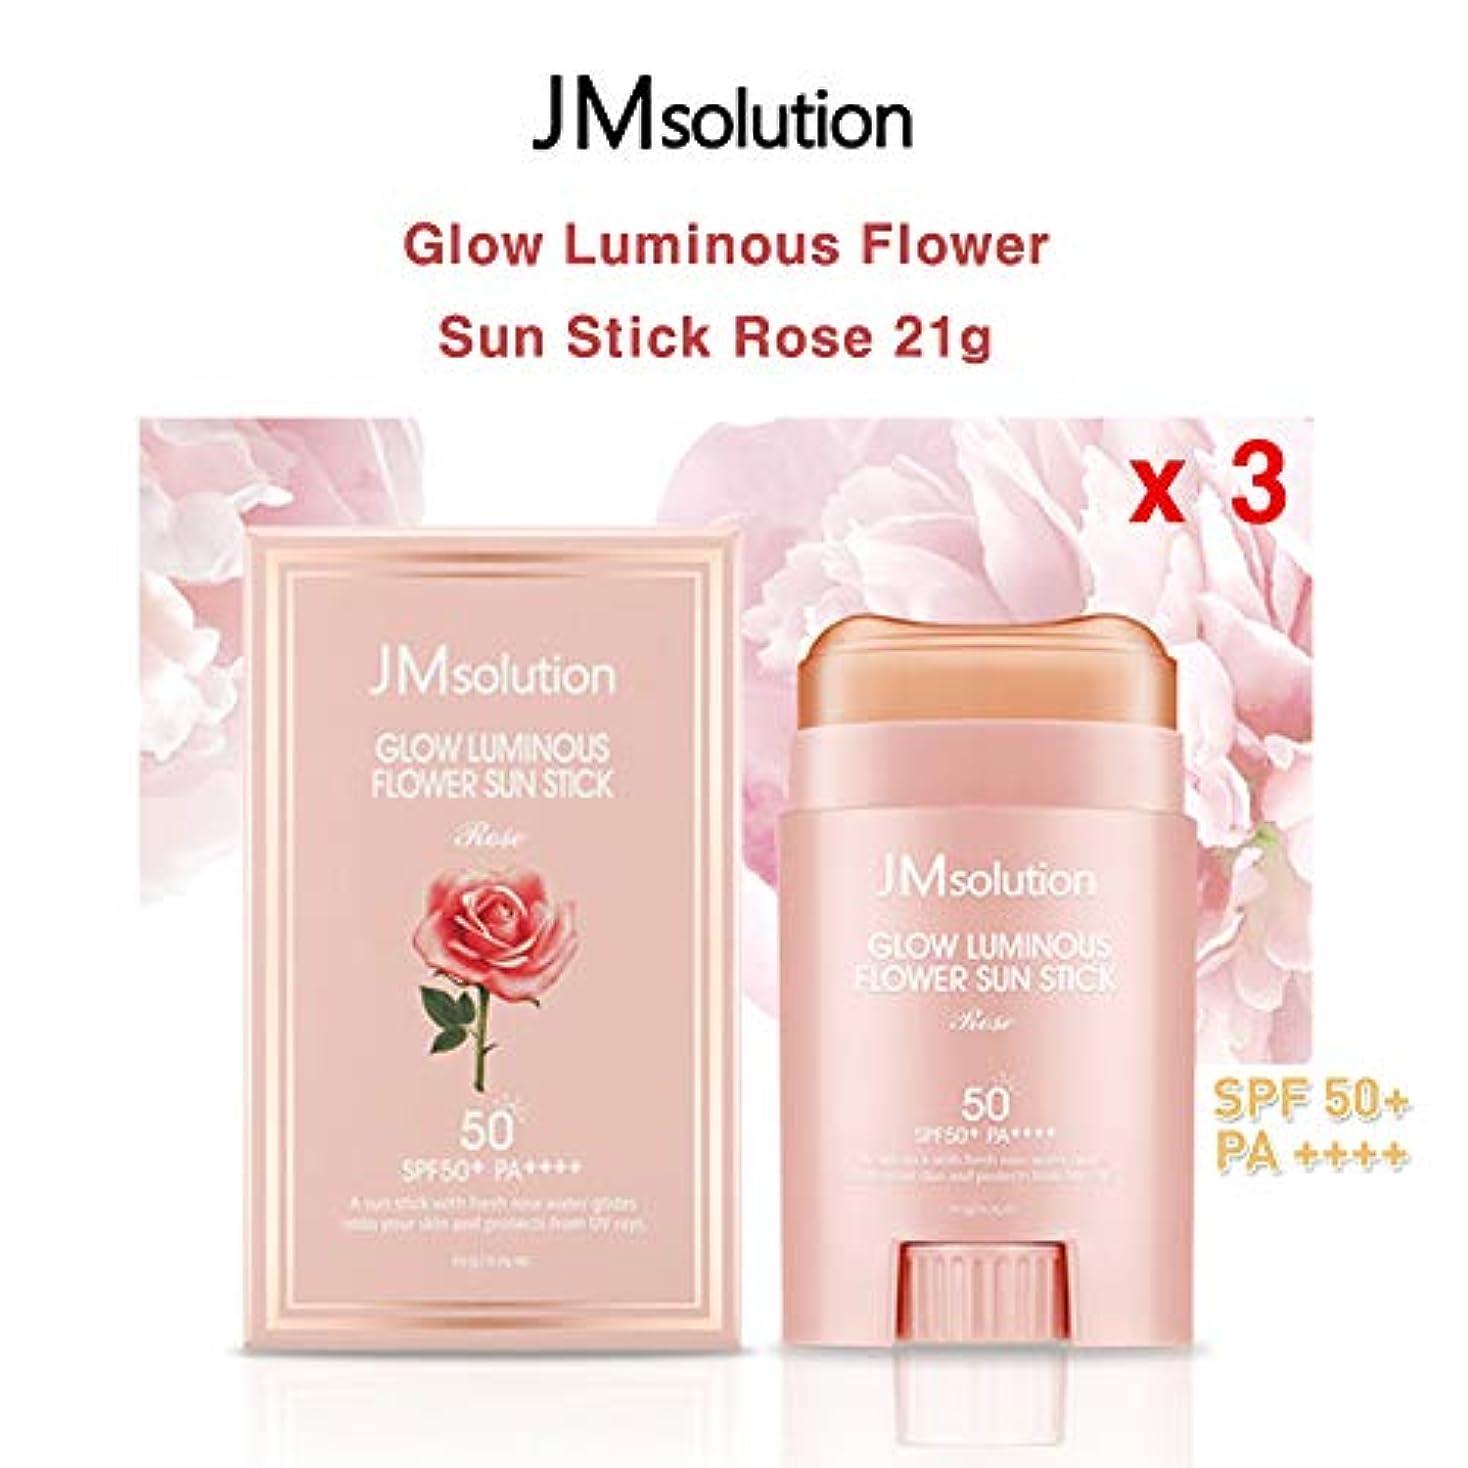 失礼なまたはいわゆるJM Solution ★1+1+1★ Glow Luminous Flower Sun Stick Rose 21g (spf50 PA) 光る輝く花Sun Stick Rose